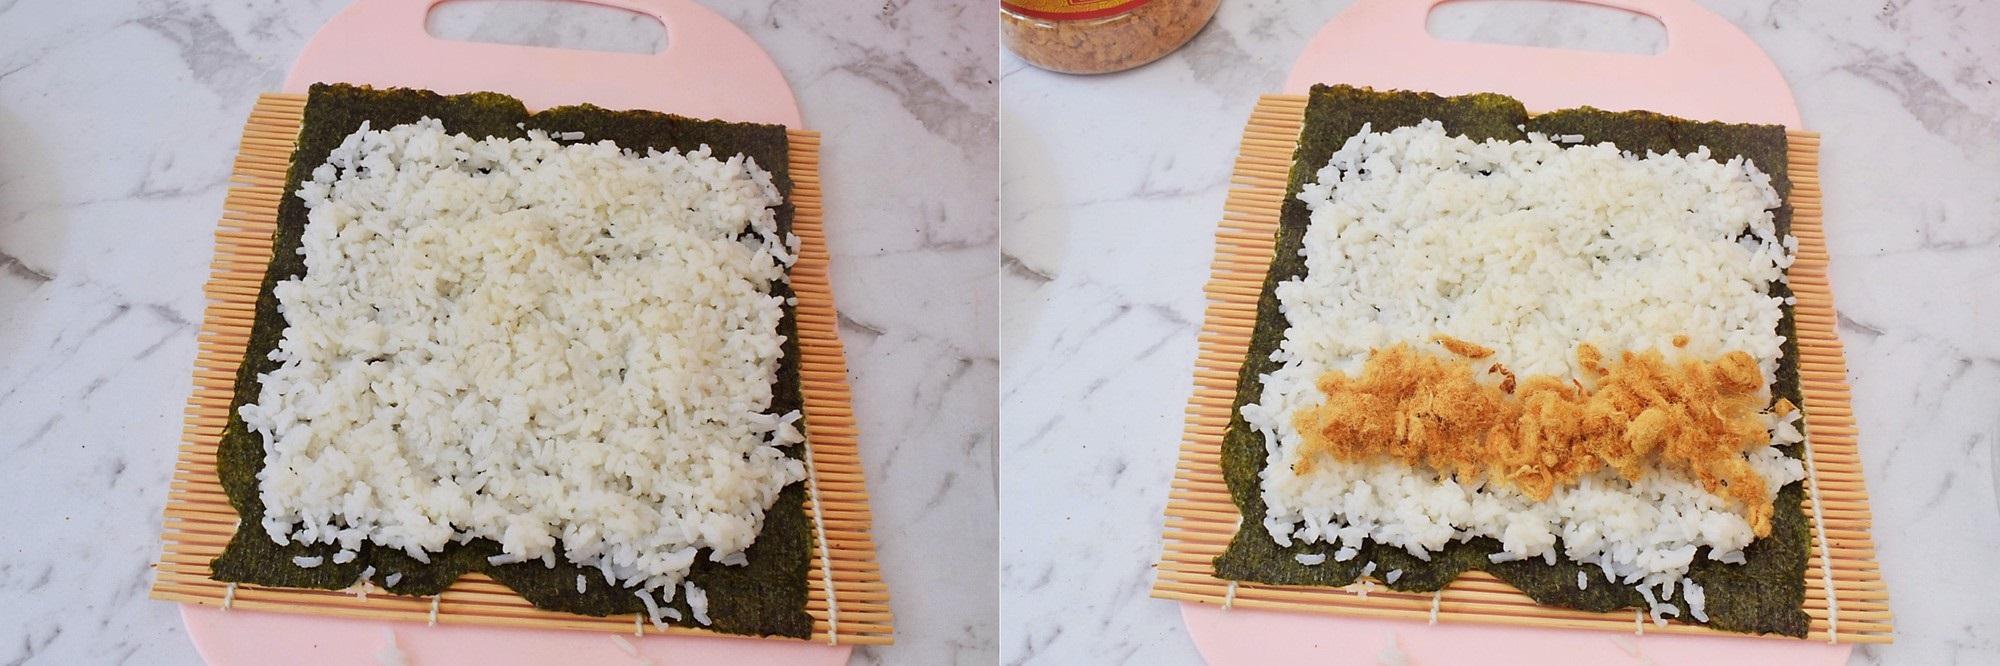 Món cơm cuộn chỉ cần thêm chút xíu nguyên liệu này thì vị ngon sẽ nhân lên gấp nhiều lần! - Ảnh 3